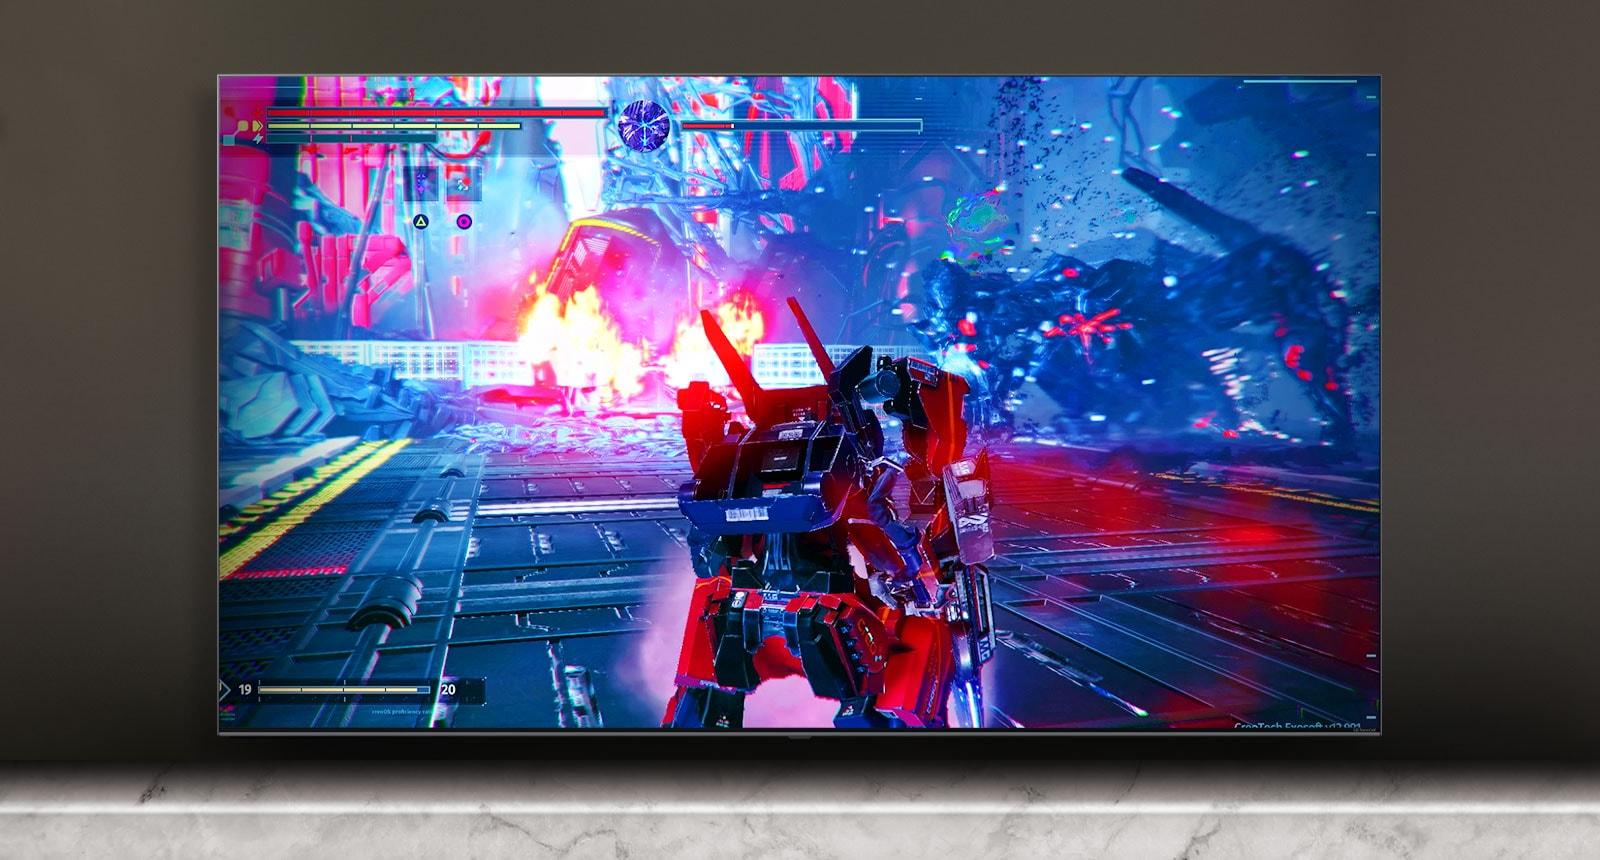 TV zaslon, ki prikazuje prizorišče borilnih veščin.